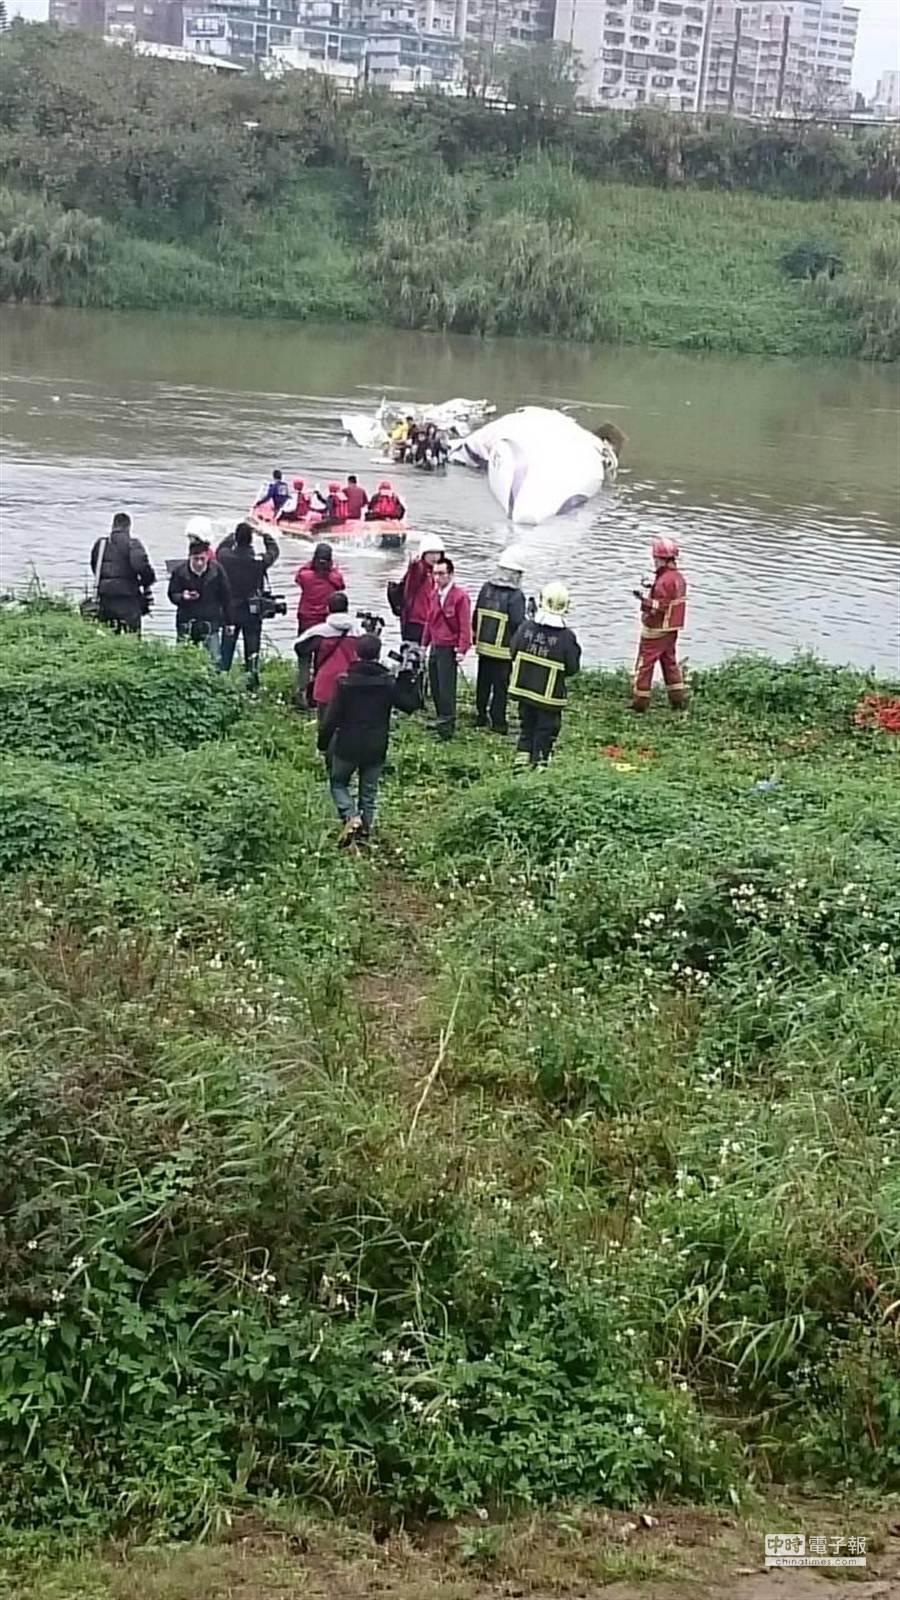 復興客機今天上午墜落在北市南湖大橋旁水面上。(林金池翻攝)